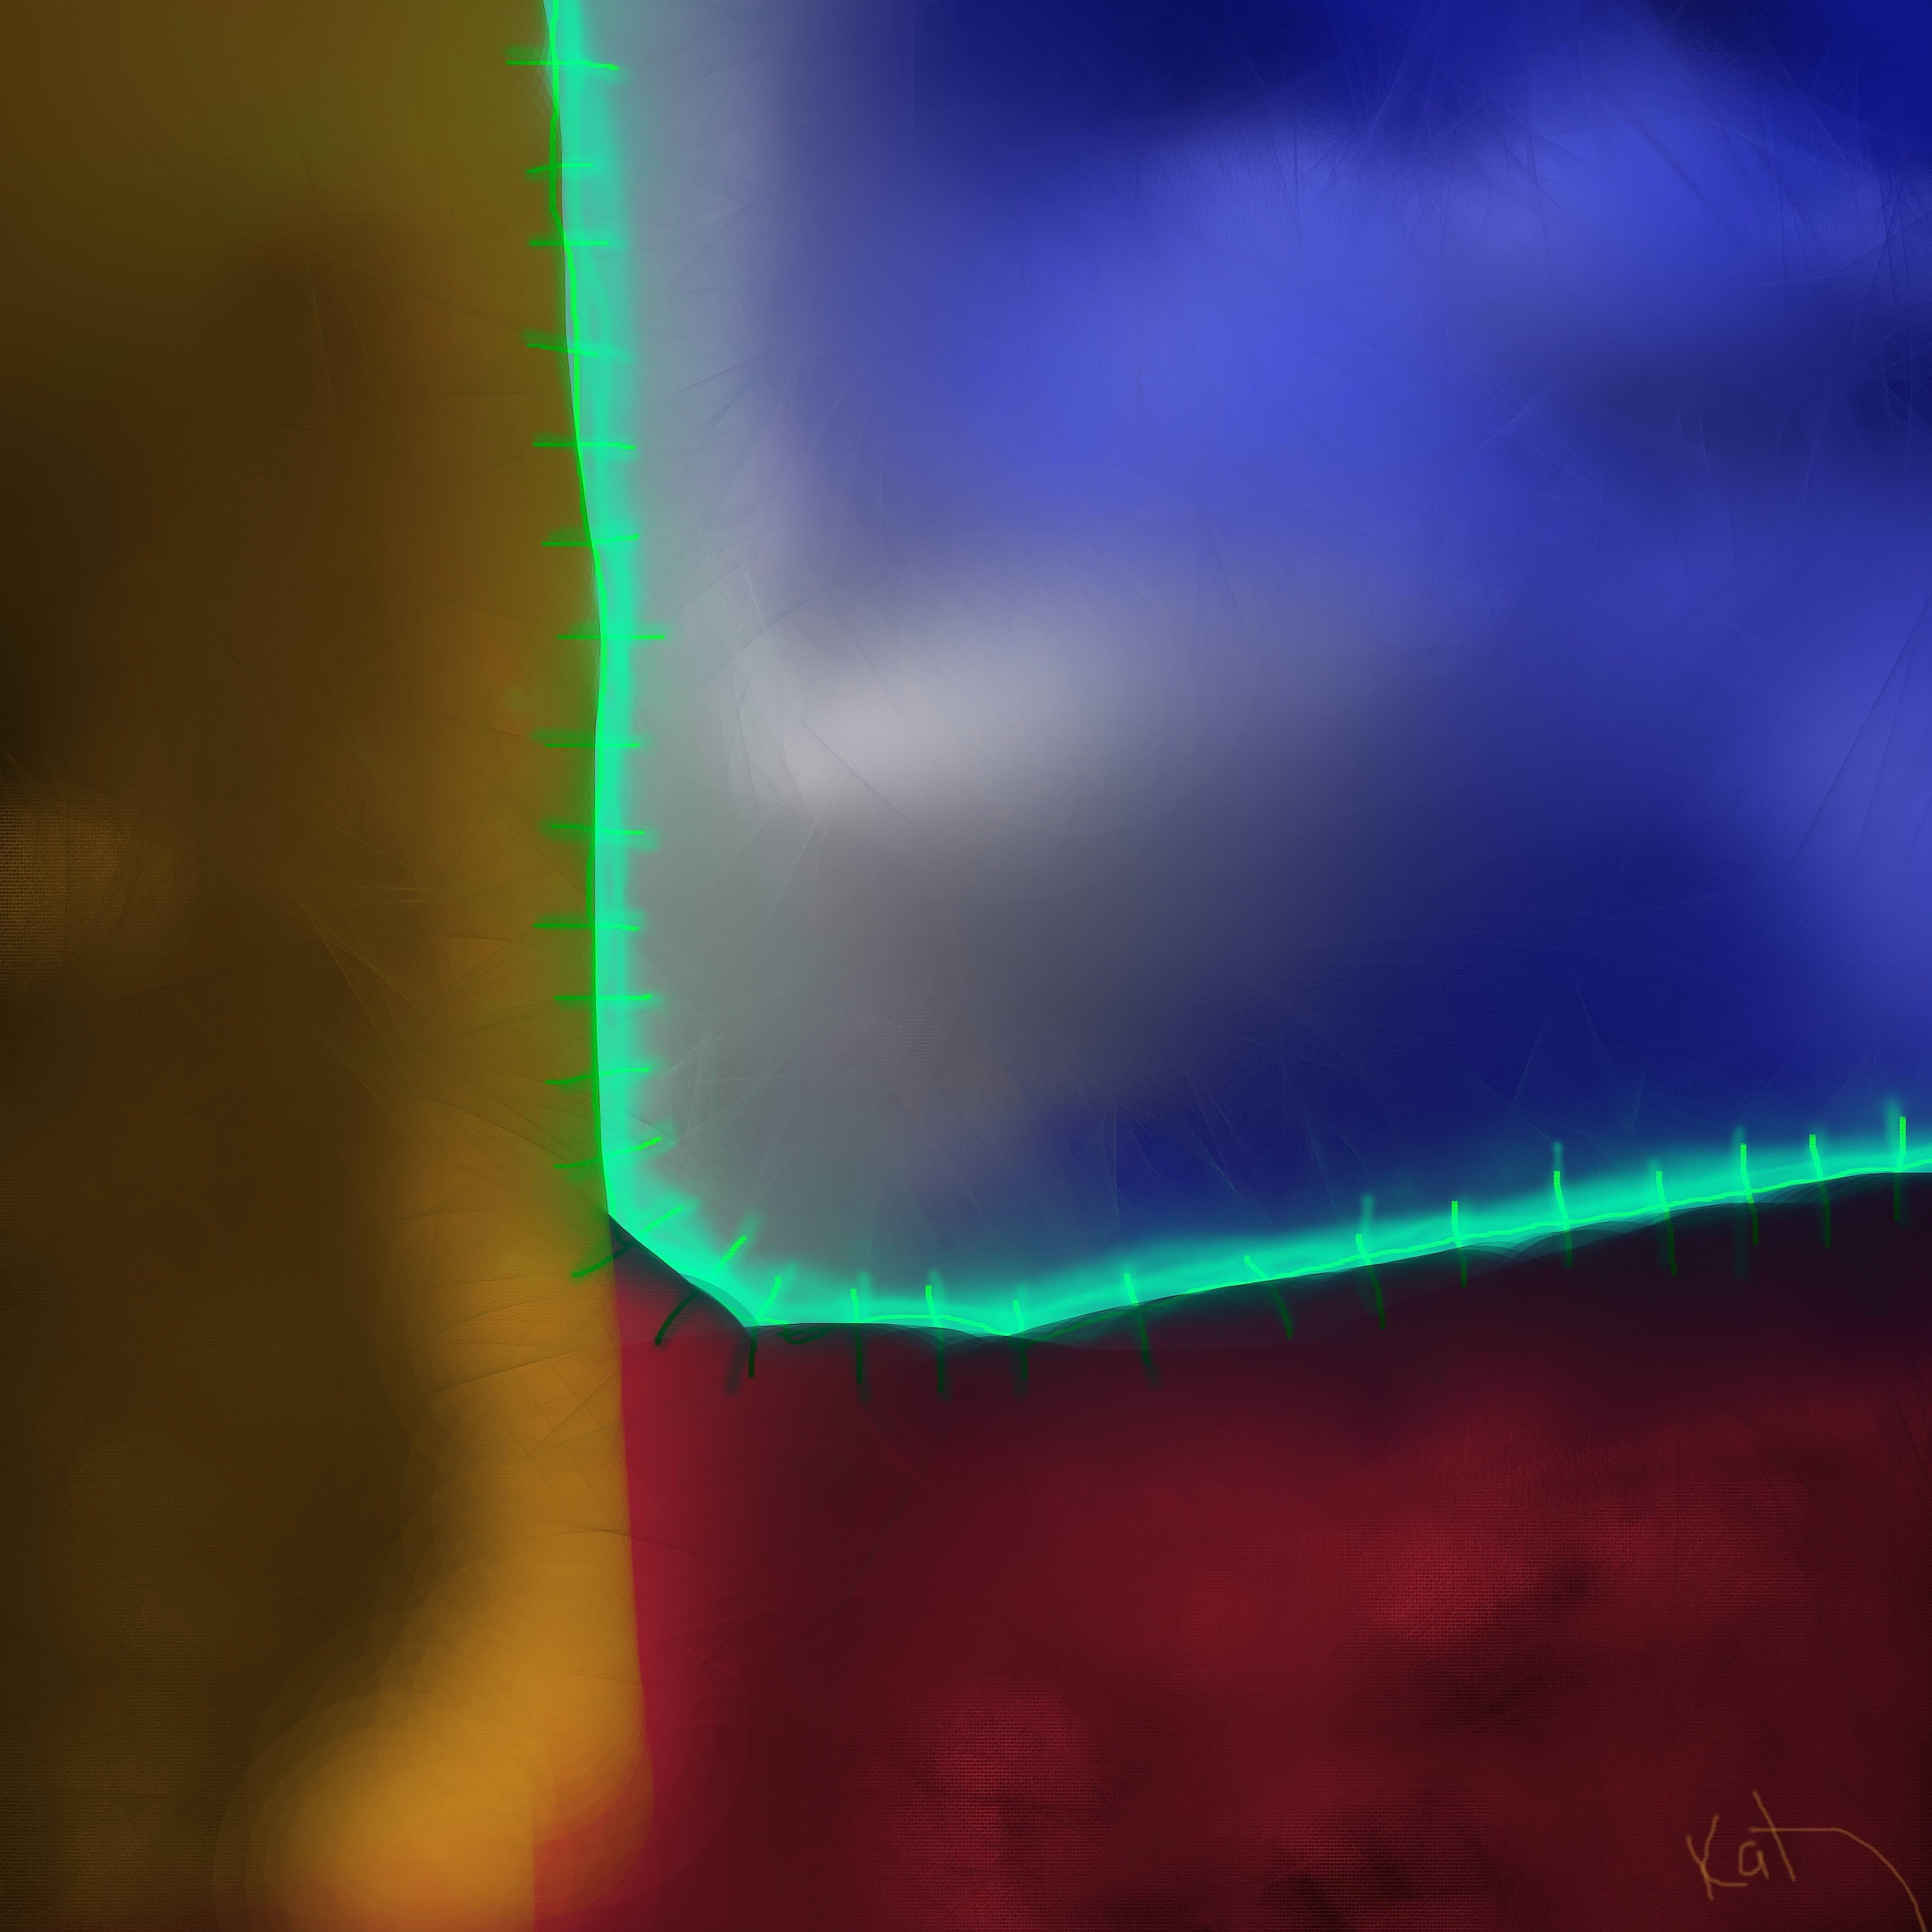 Myriam Francois-Cerrah images